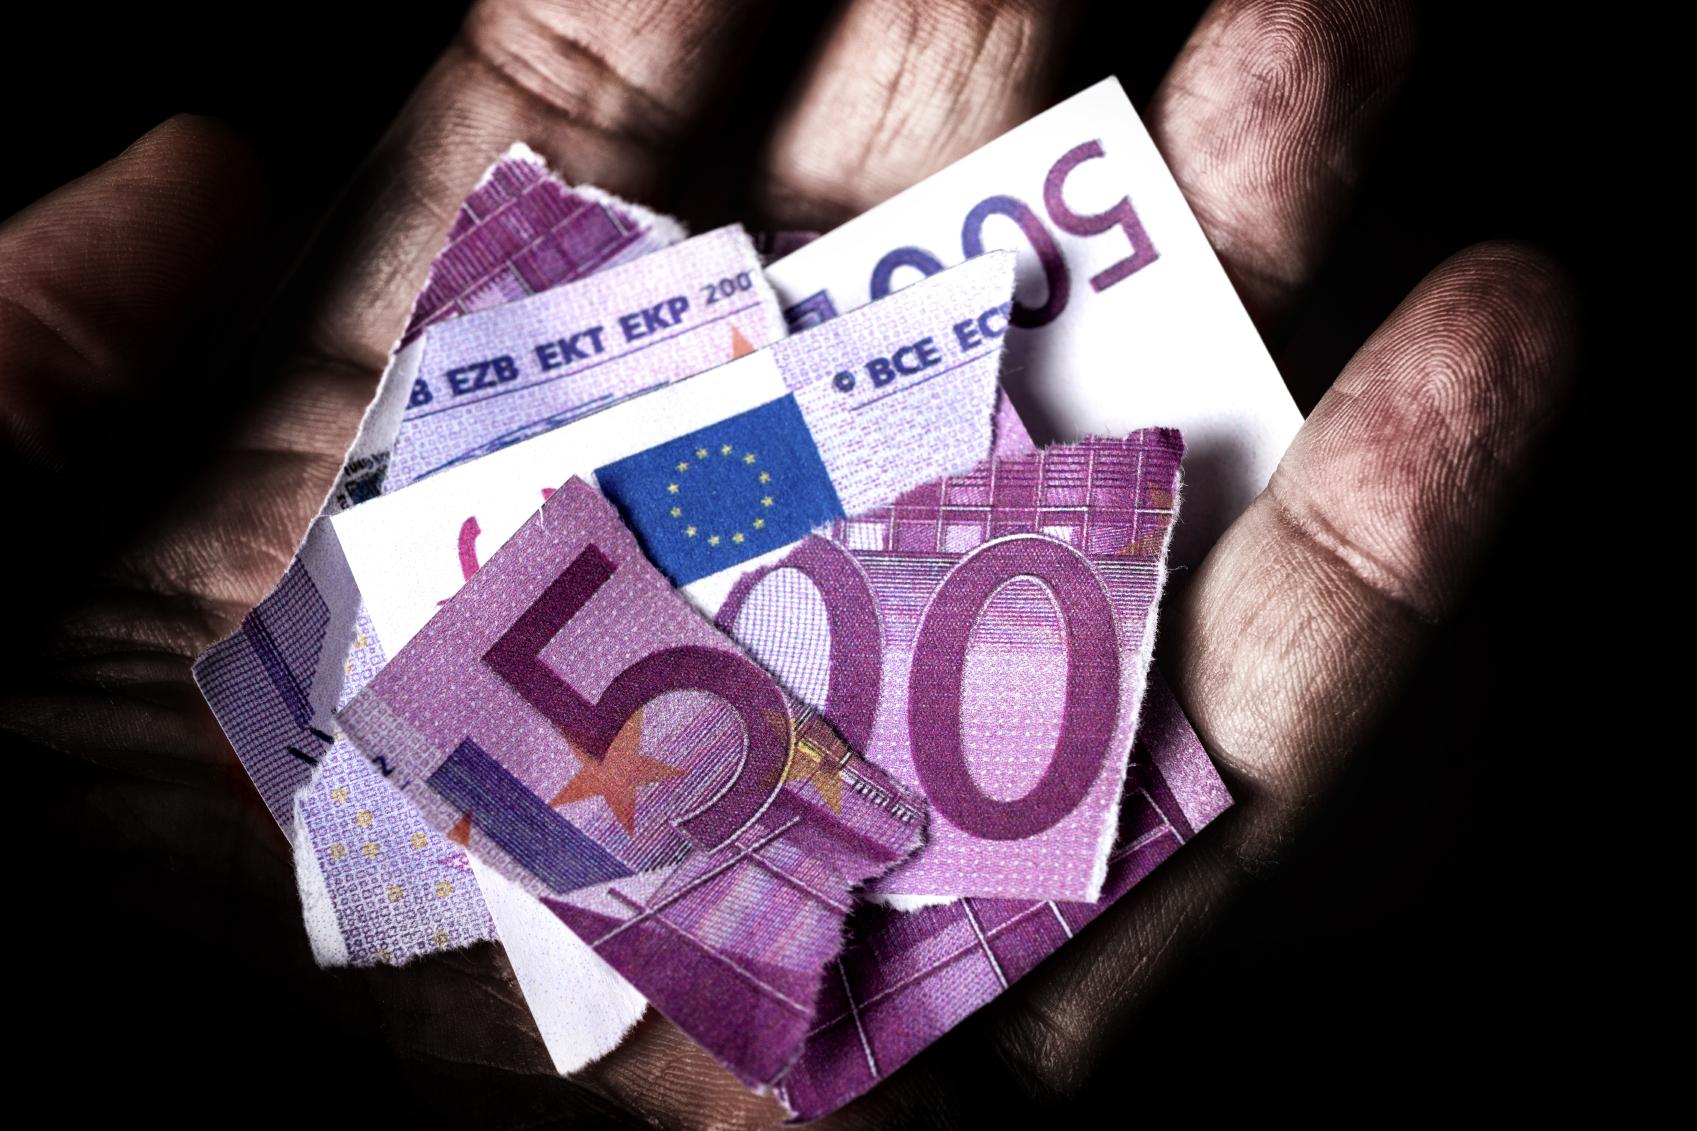 Una anciana rompió 37 billetes de 500 euros y un tribunal dictaminó que el banco nacional se los regresará